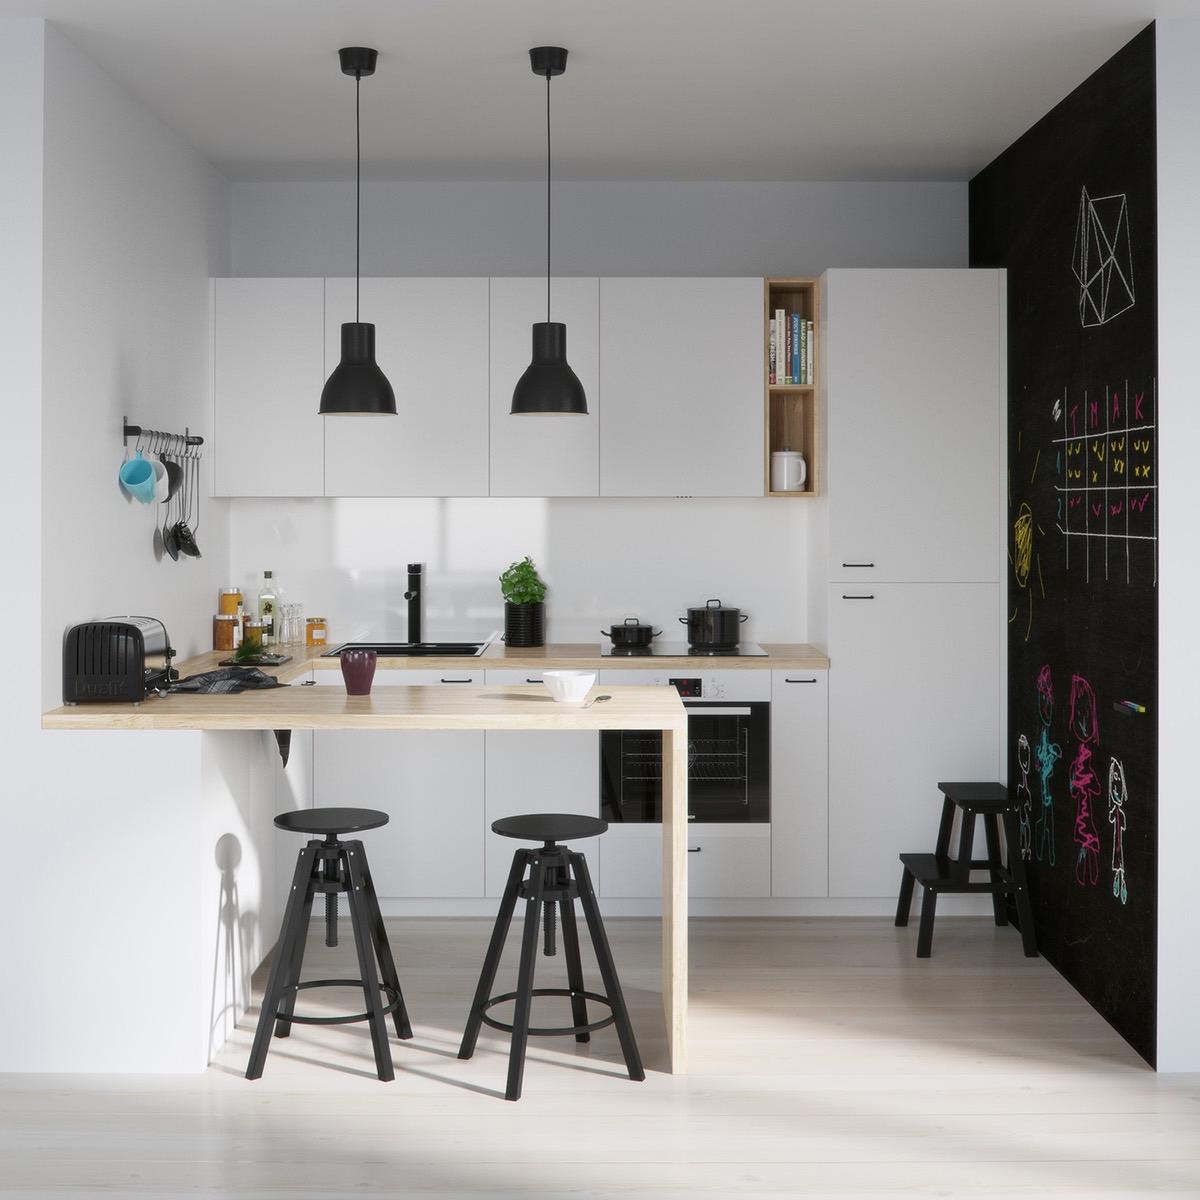 Чёрная грифельная стена в интерьере кухни